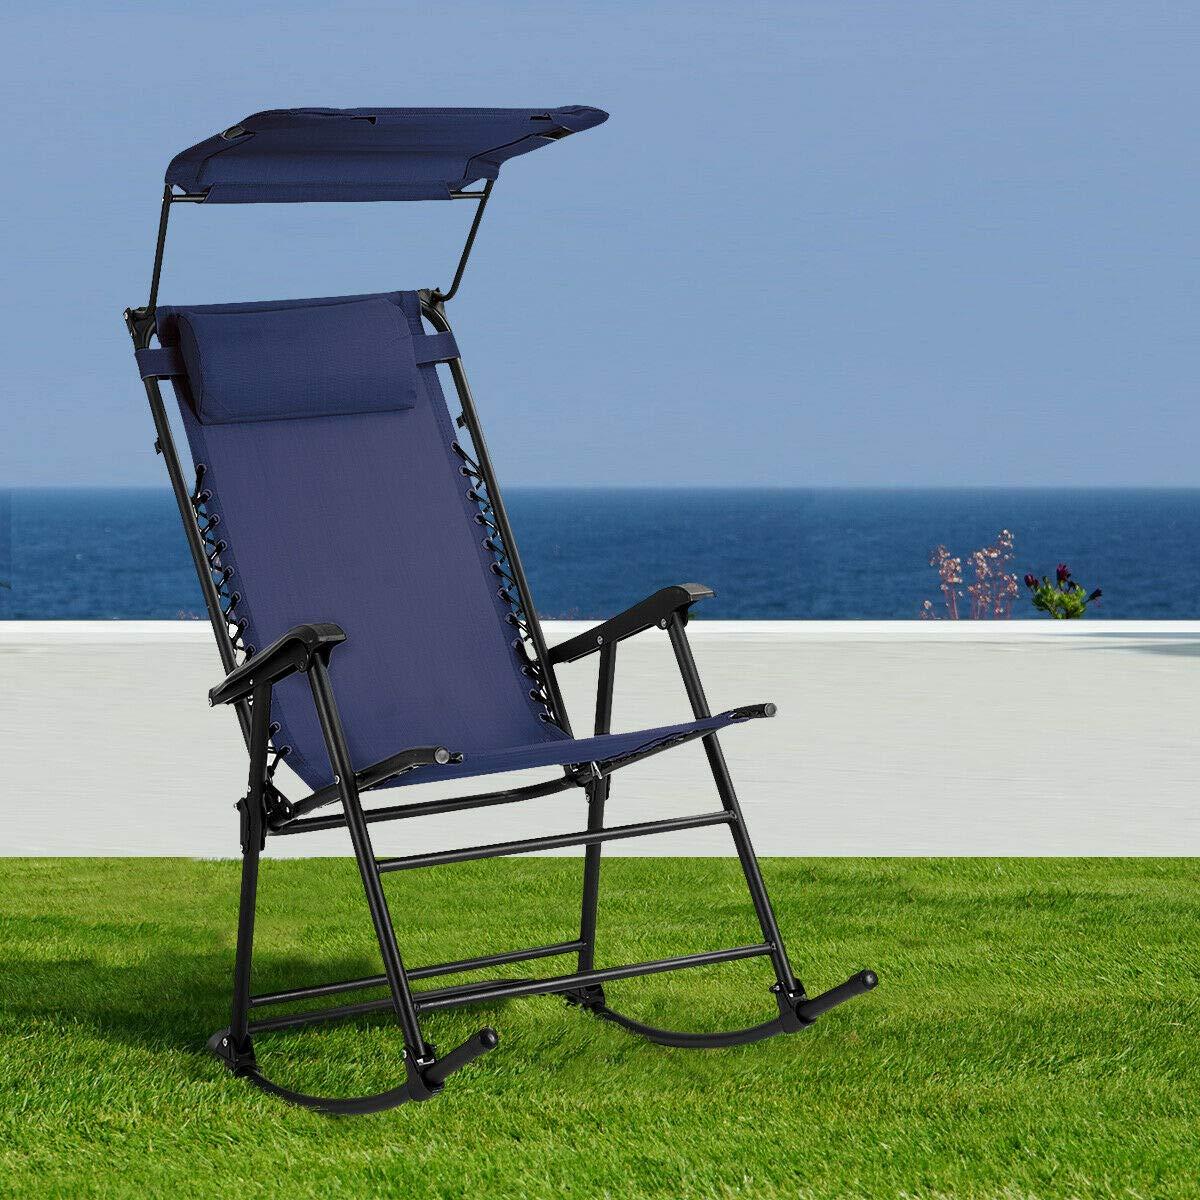 Amazon.com: Heize – Silla de balancín plegable, color azul ...